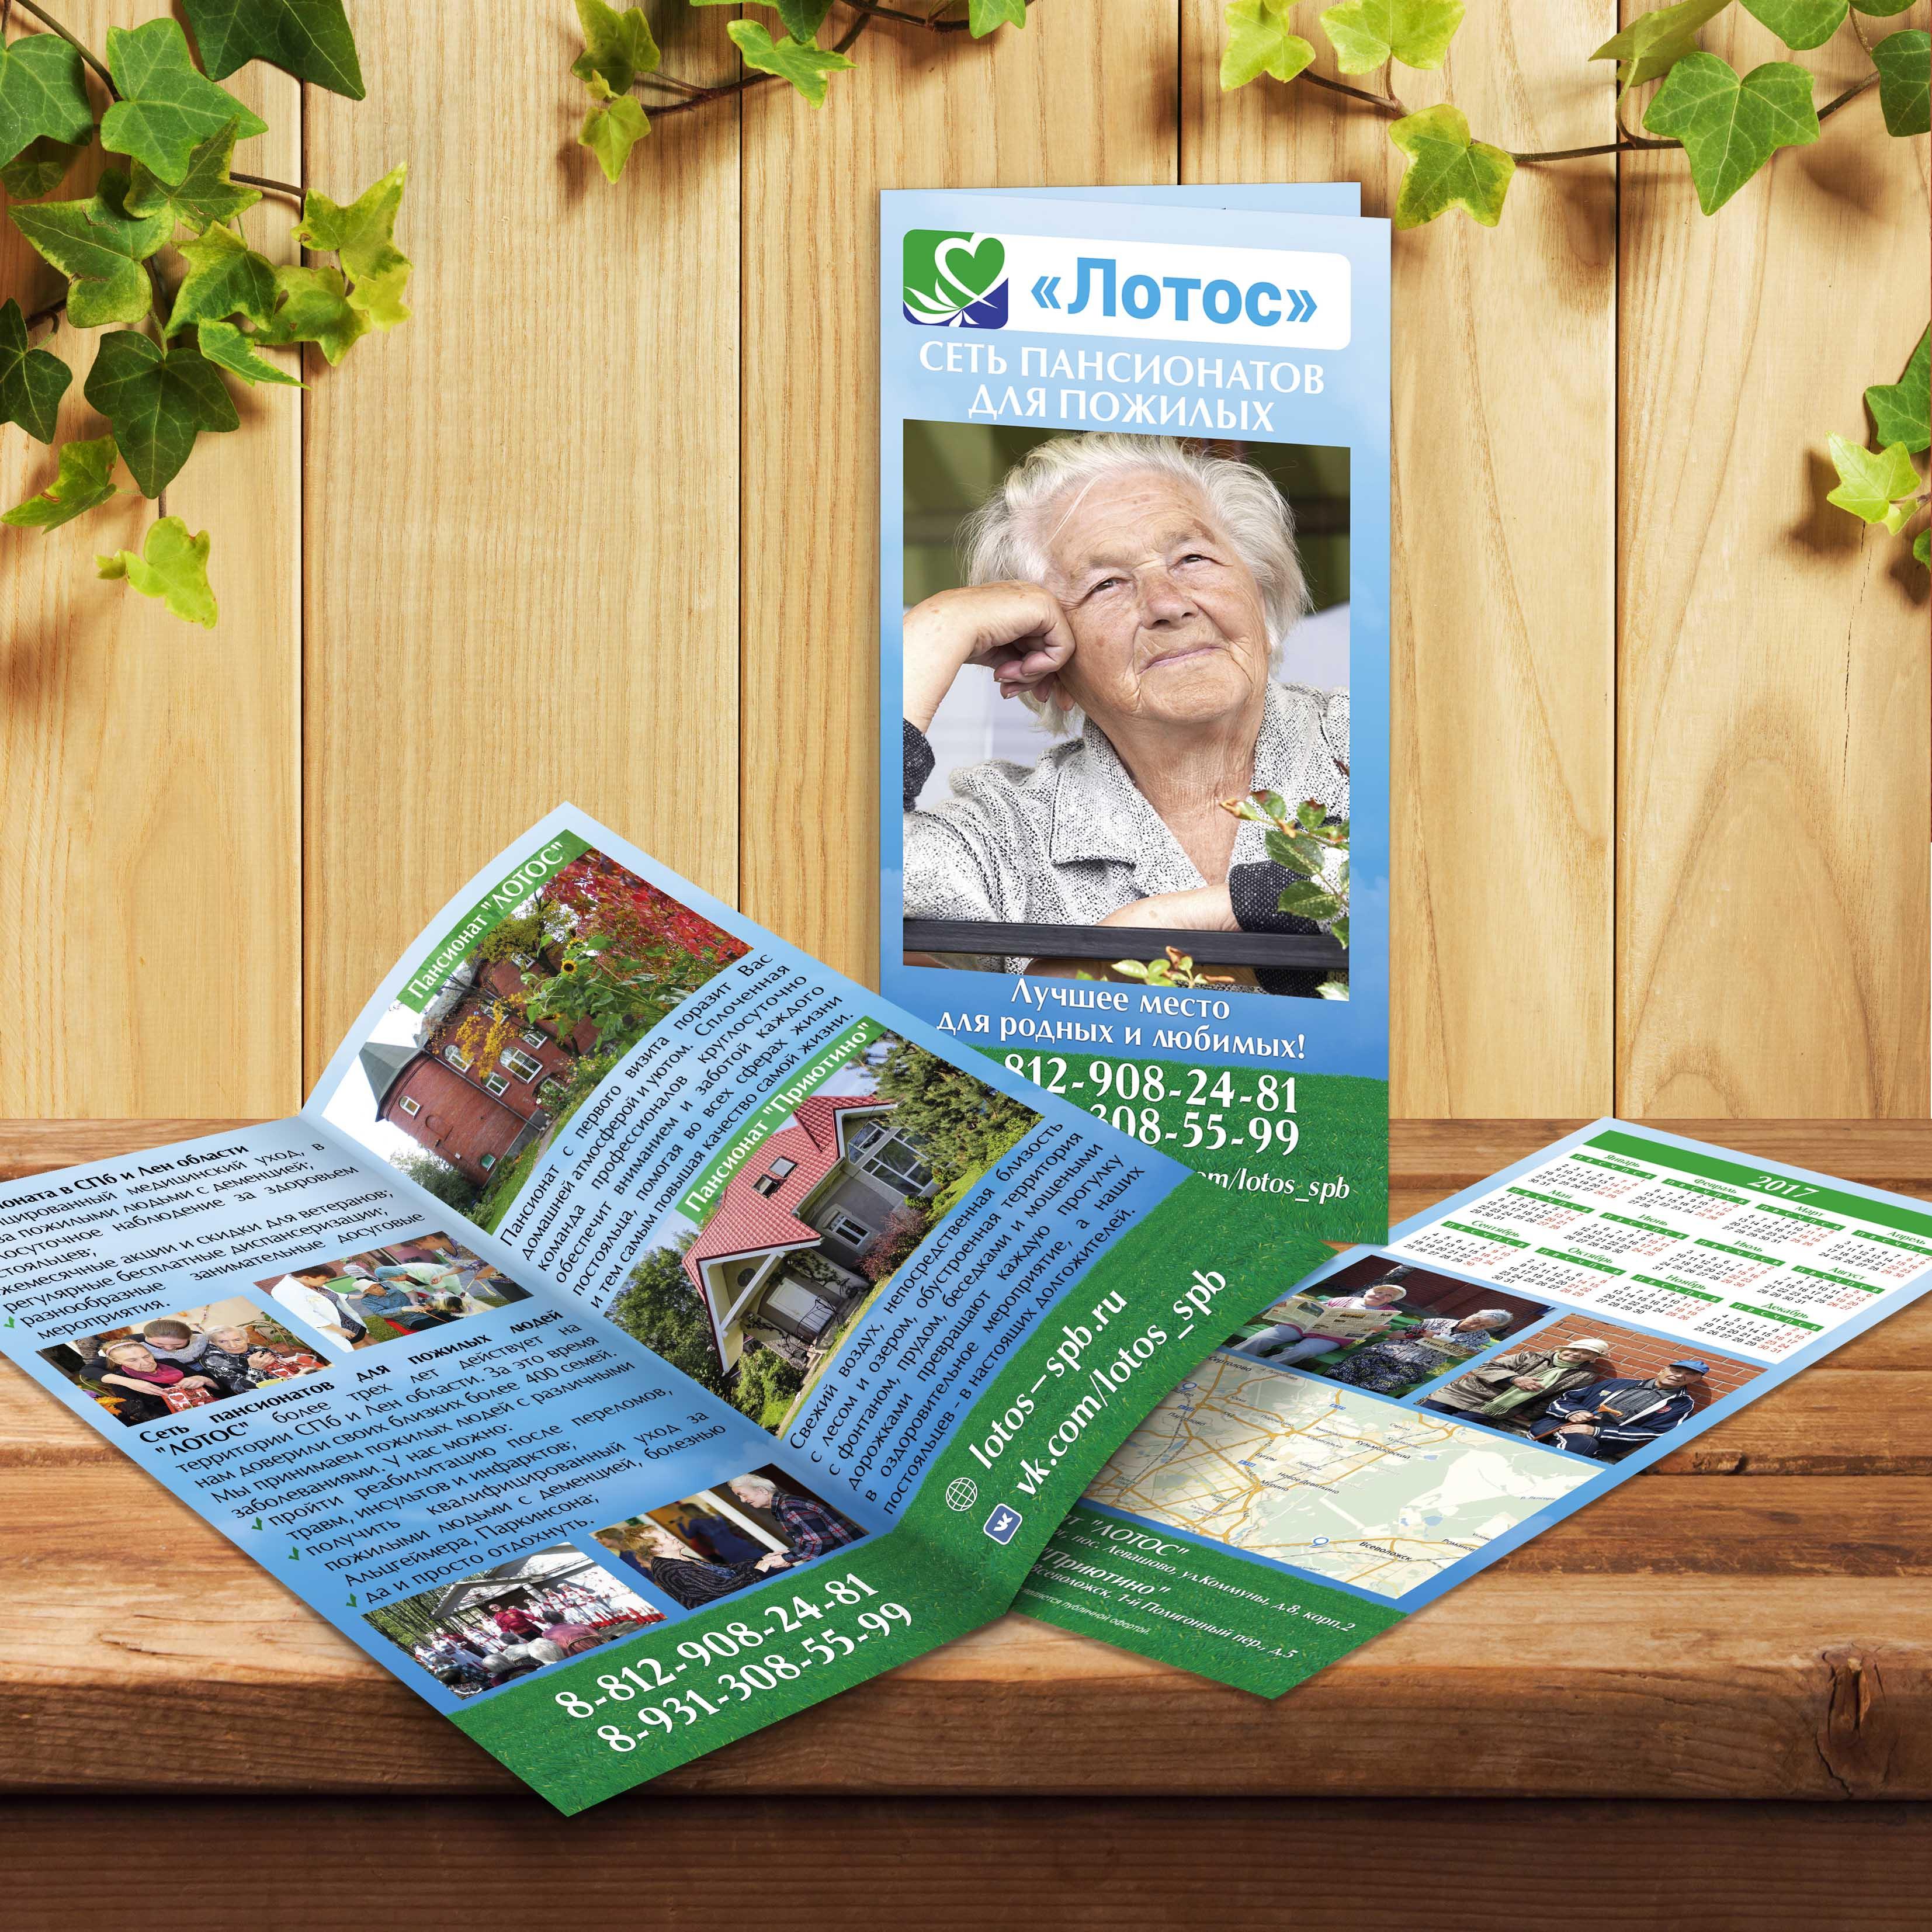 Буклет - Сеть пансионатов для пожилых